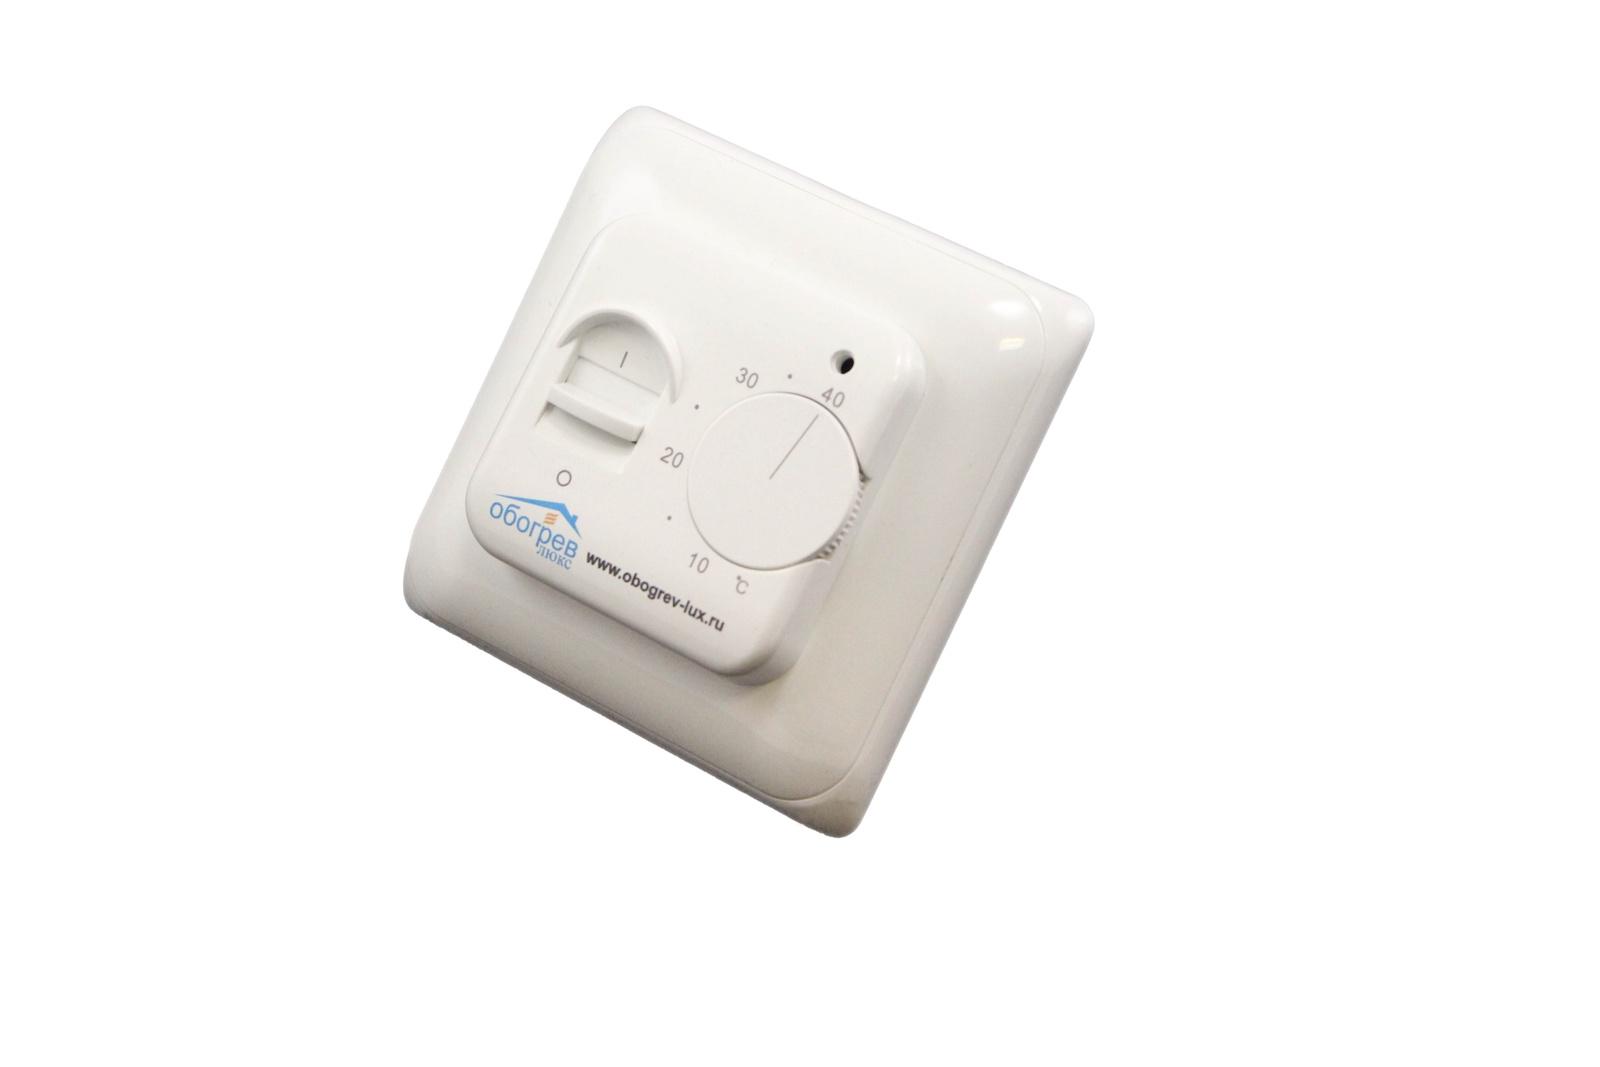 Терморегулятор теплого пола Обогрев Люкс 7930051880975, белый лекарство валз 80 инструкция